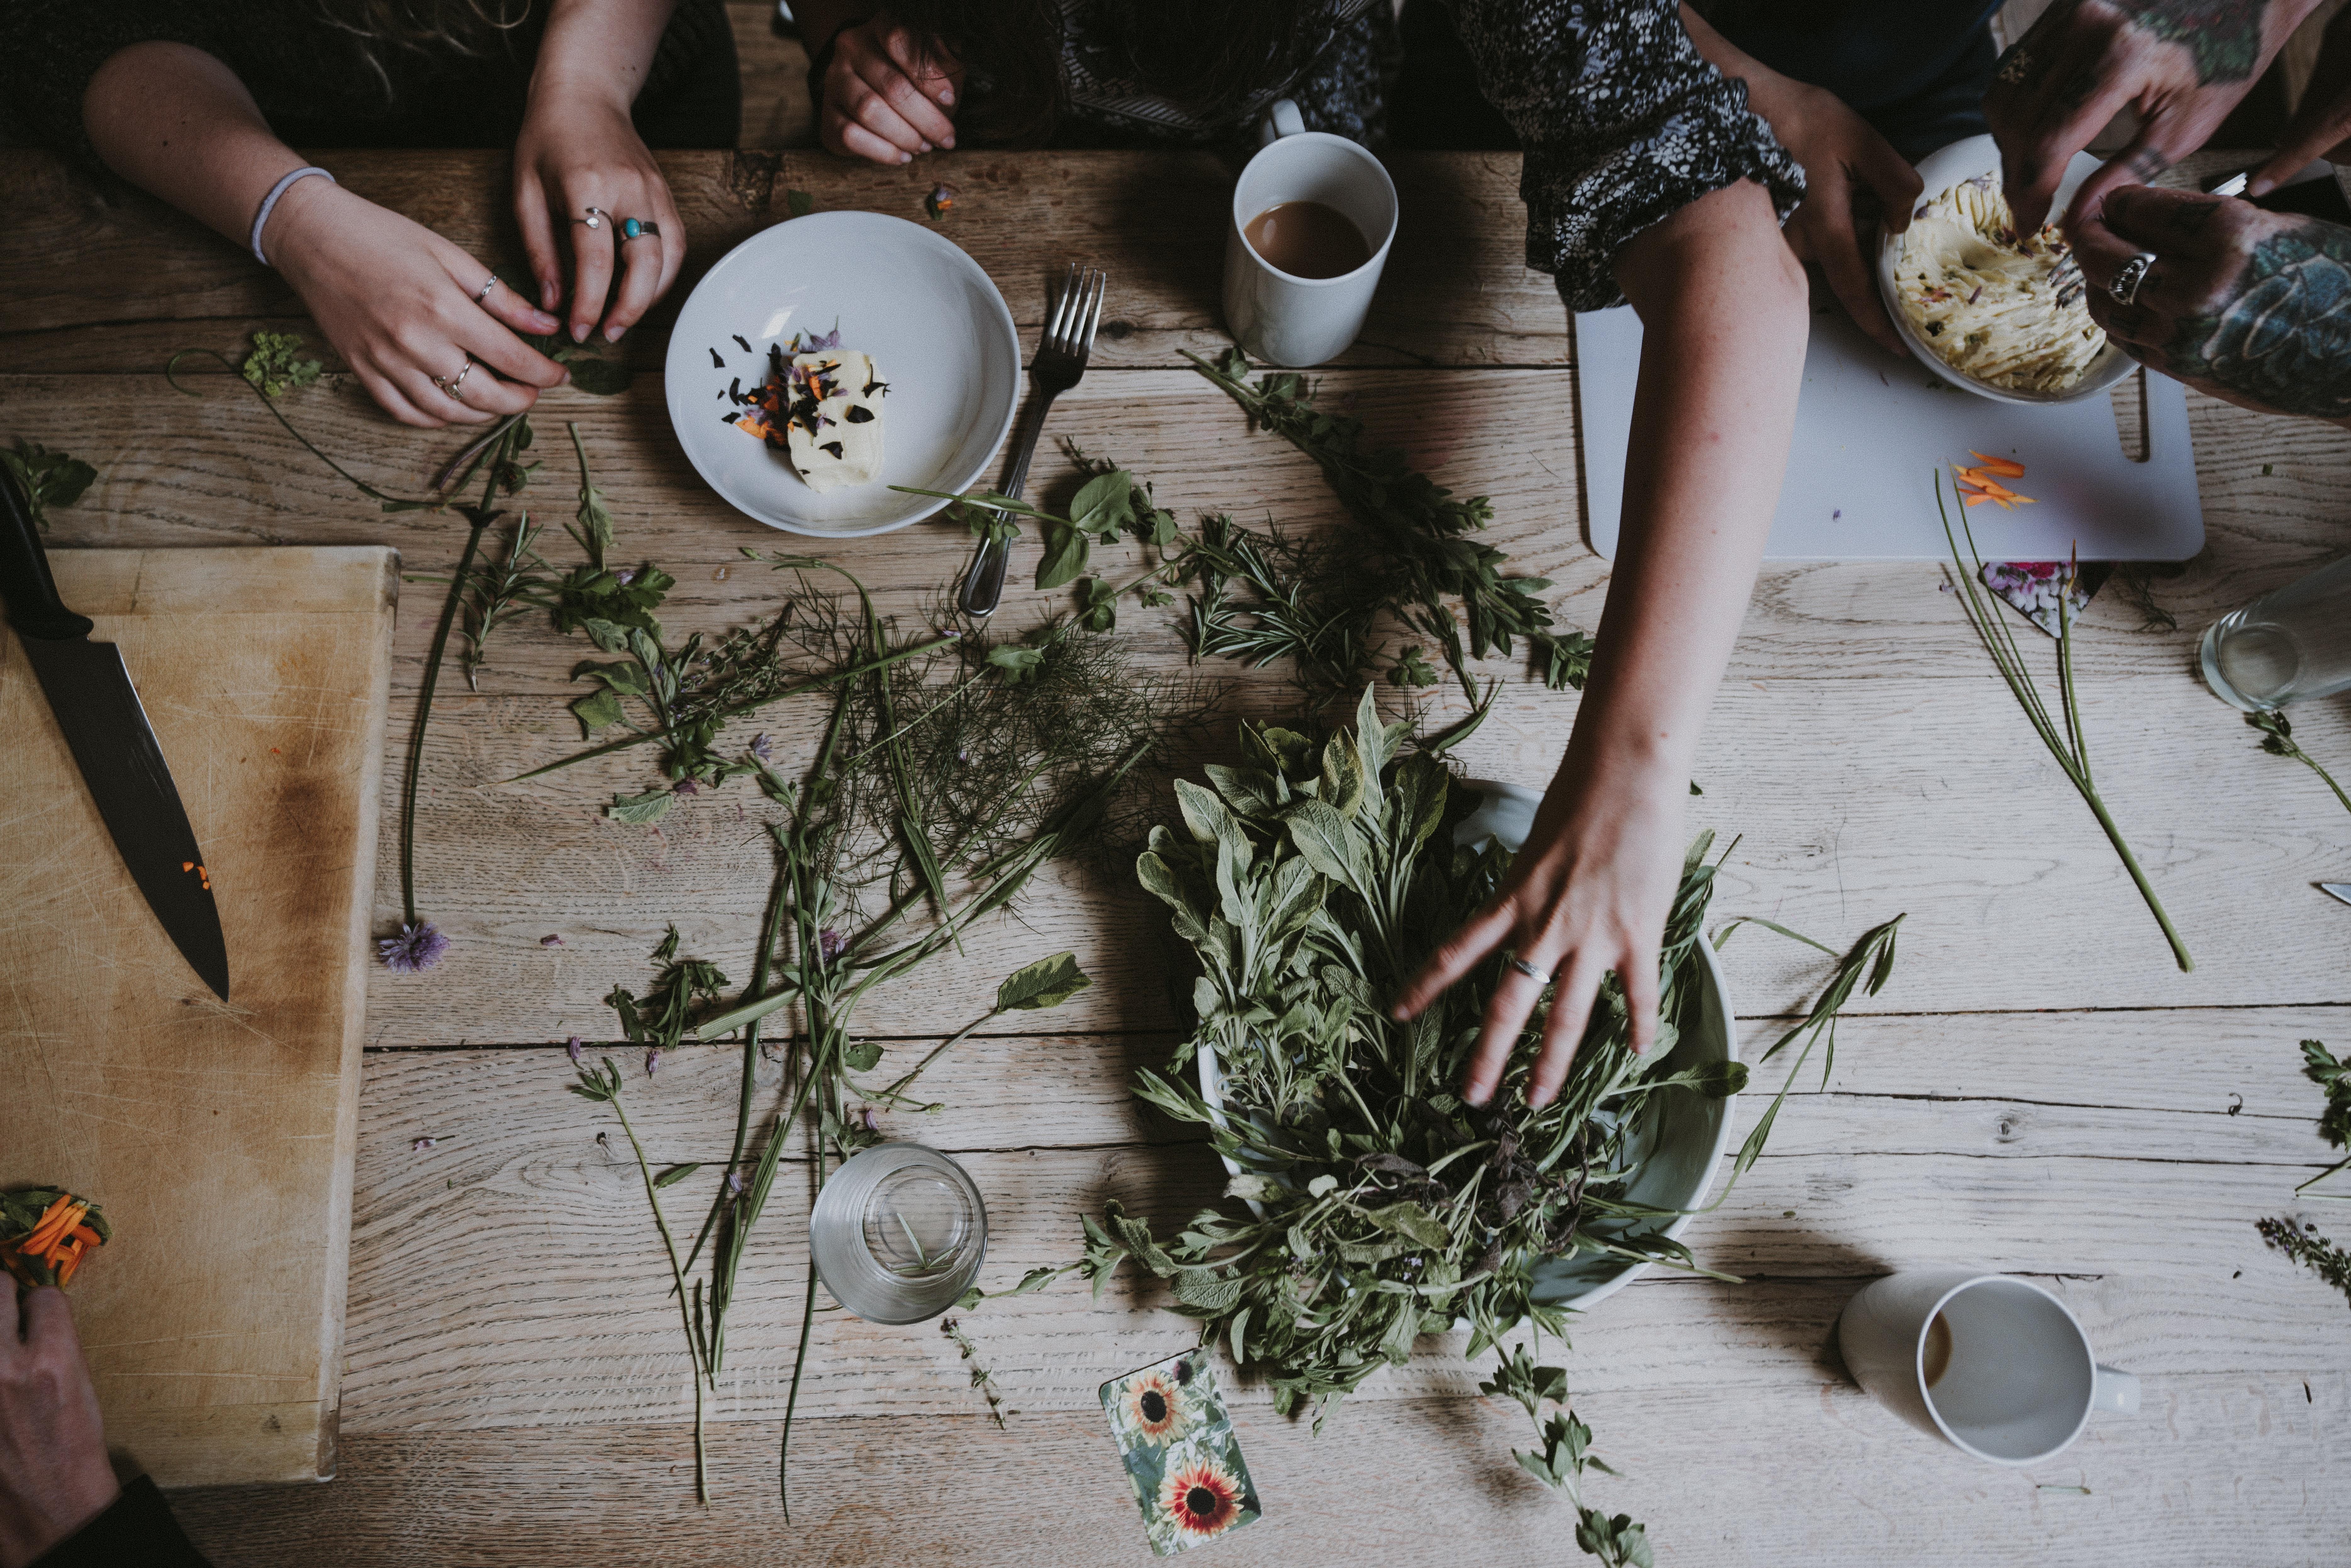 La santé et les plantes compagnes de l'hiver